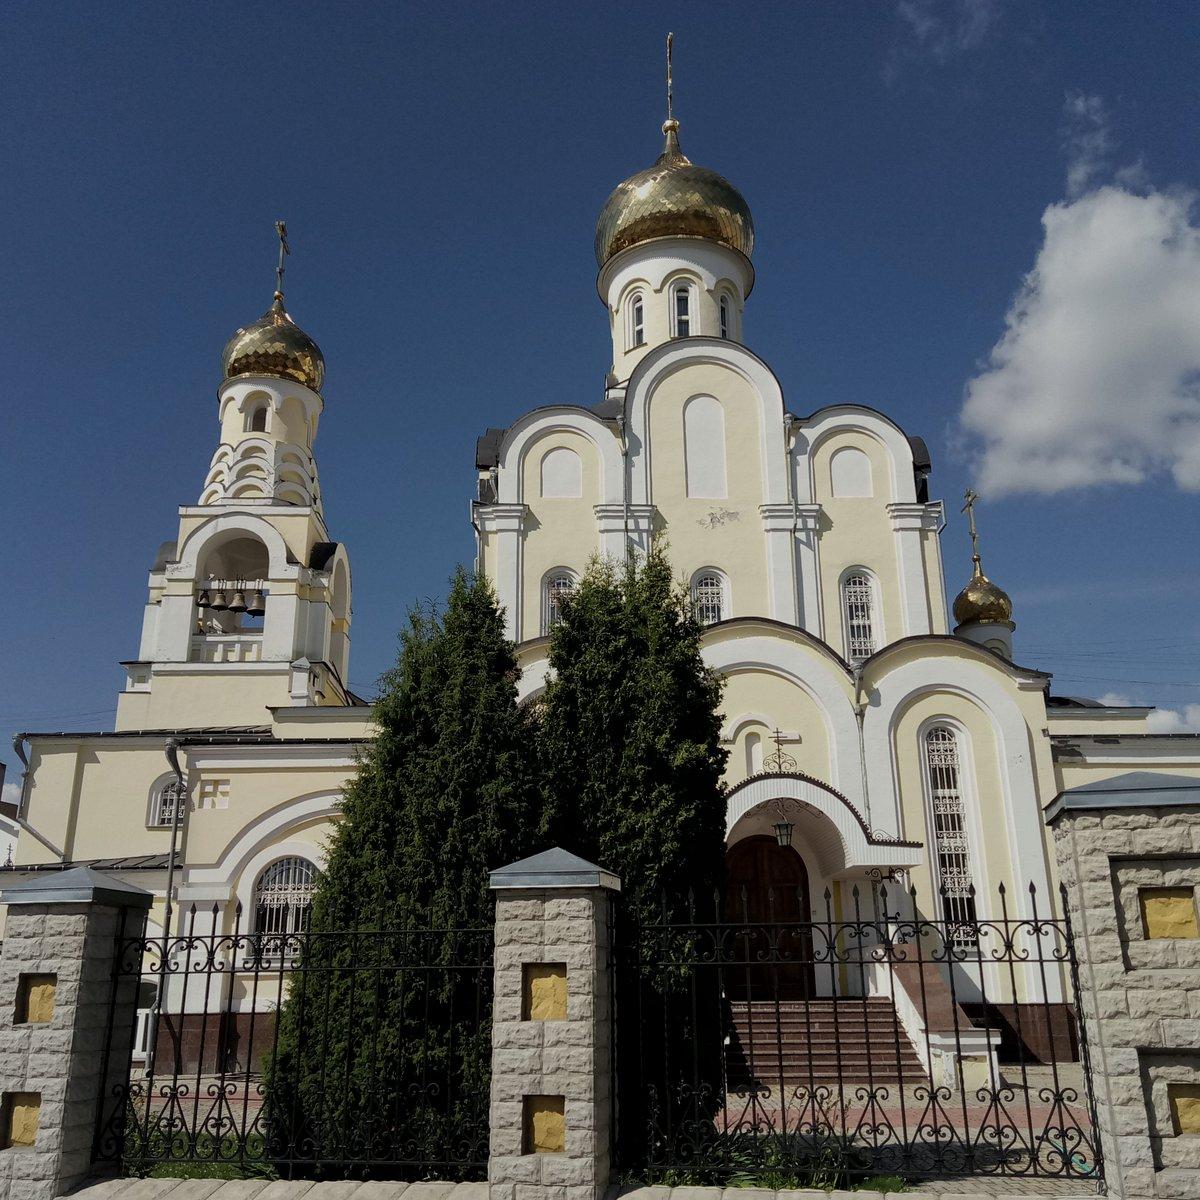 Обнинск, церковь.